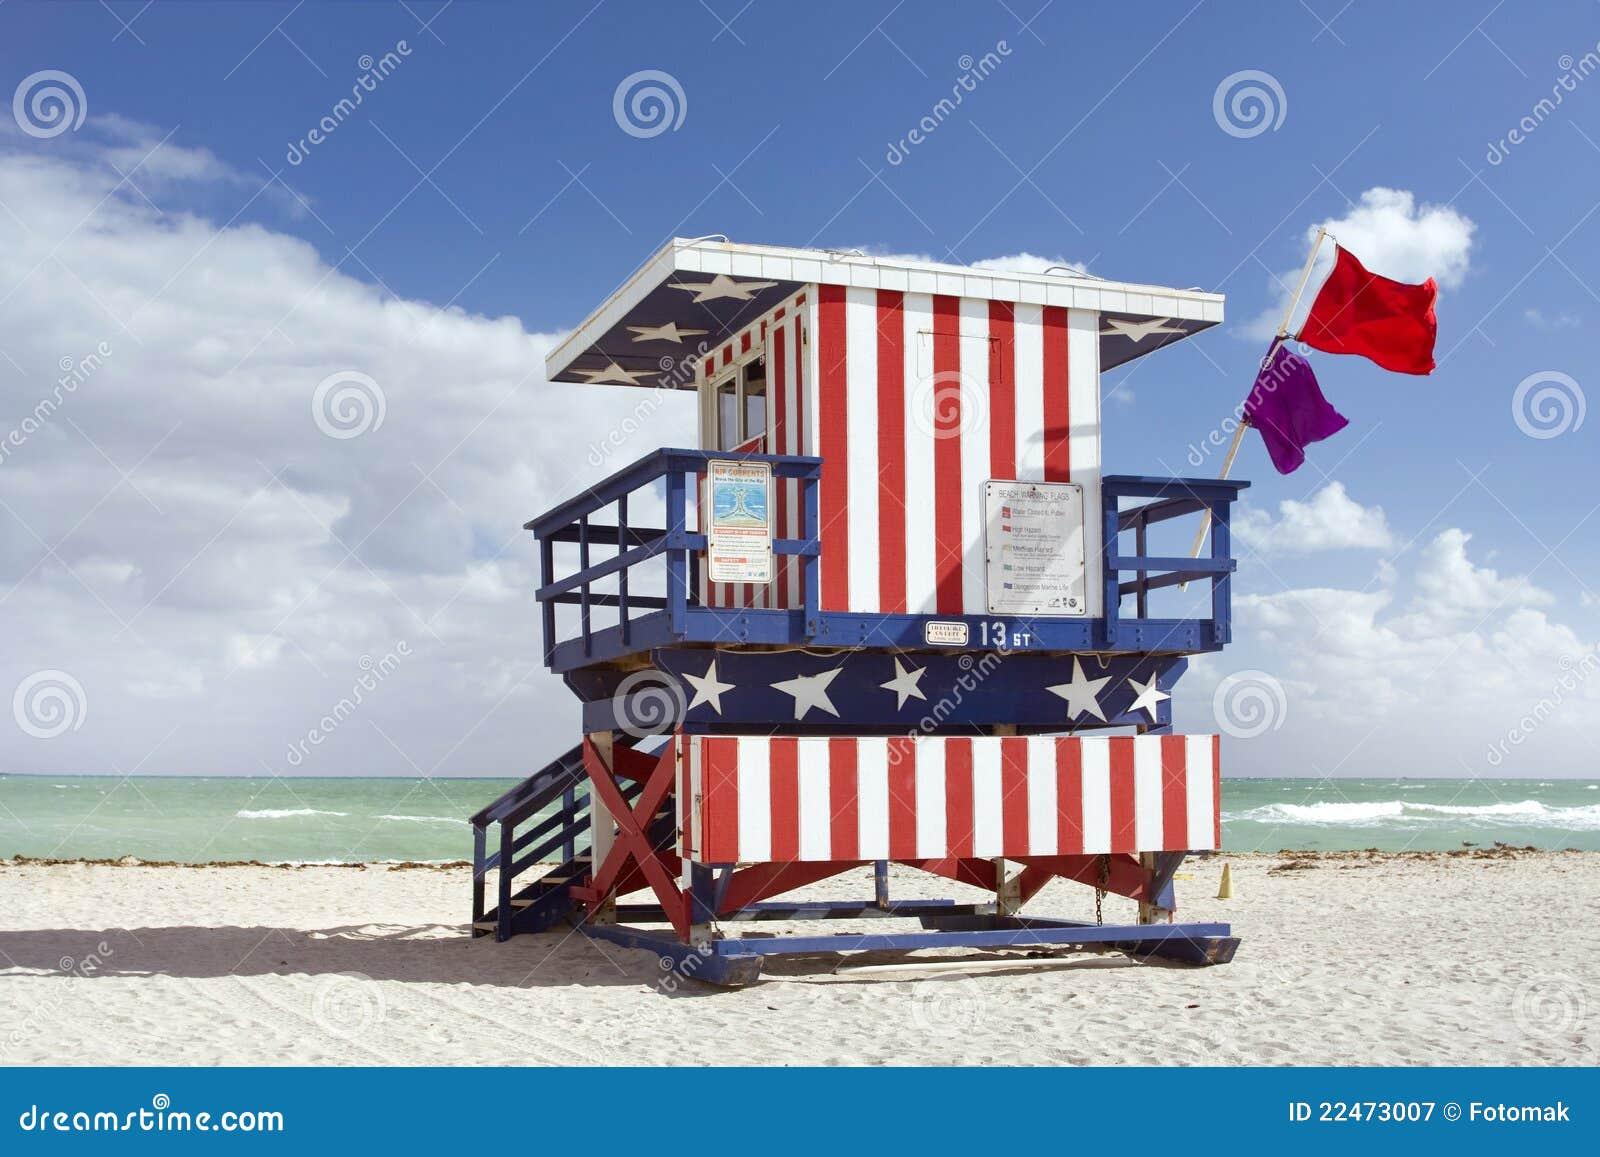 Sommerszene mit einem Leibwächterhaus in Miami Beach